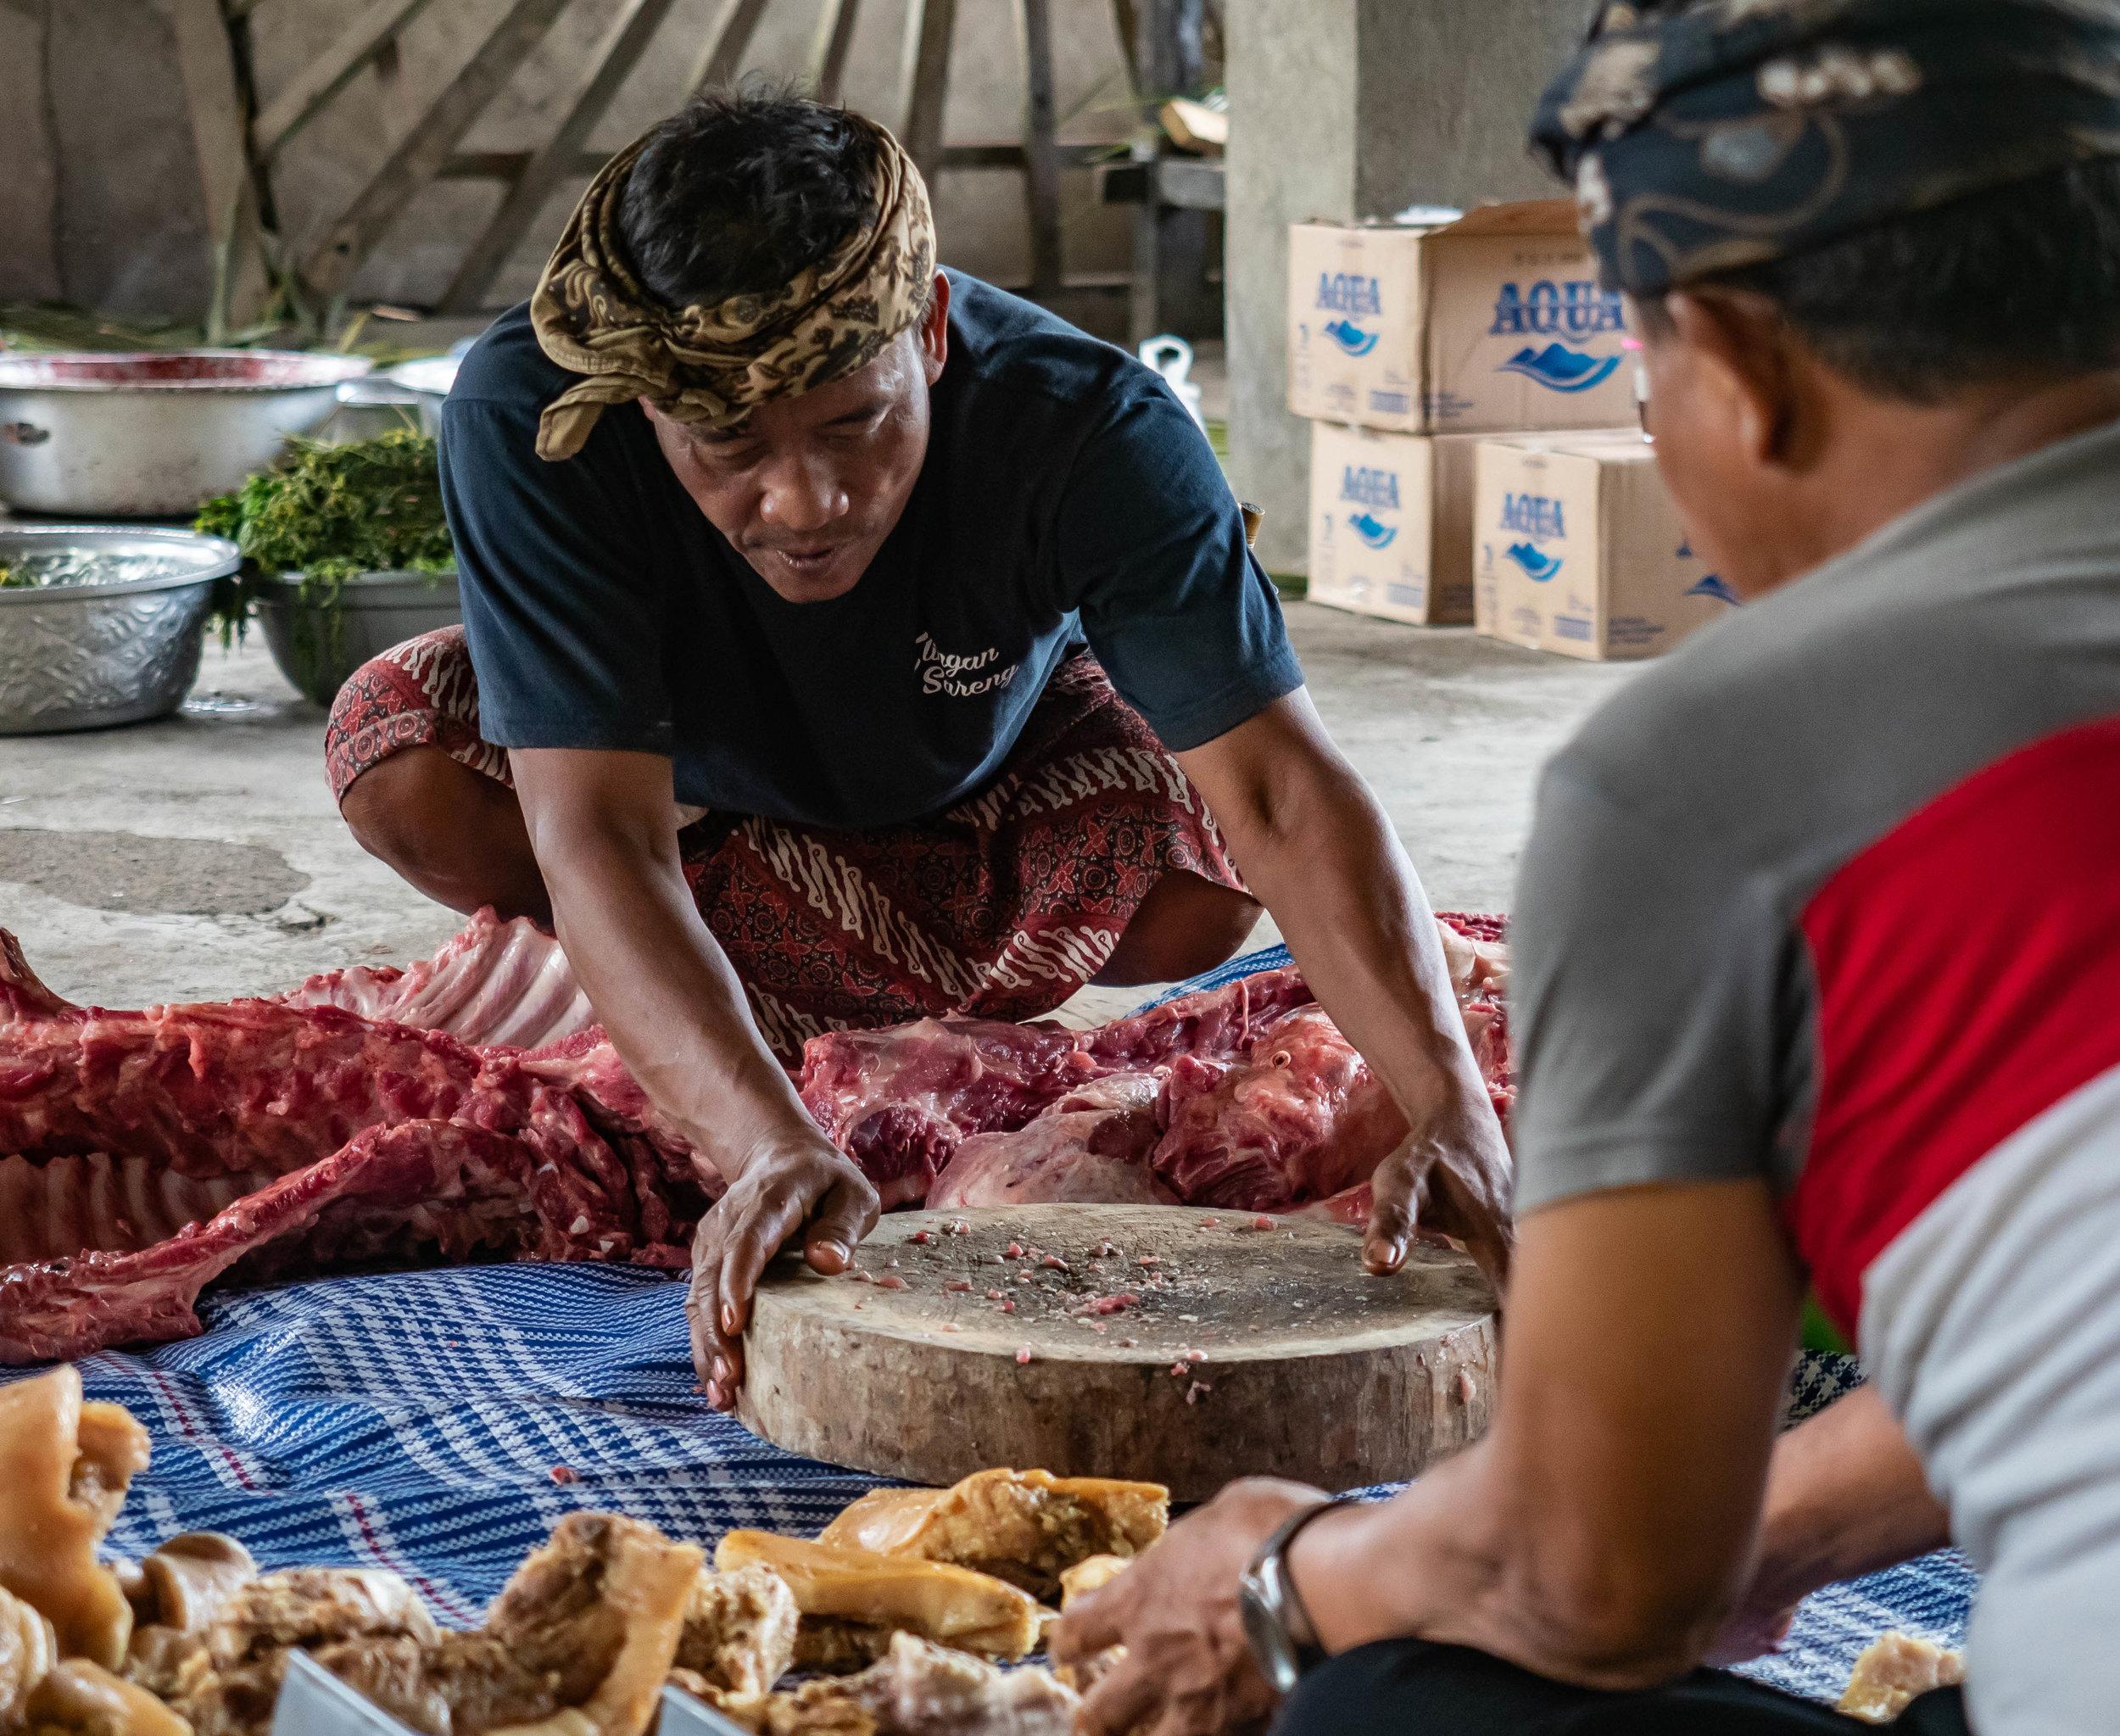 Bali food culture